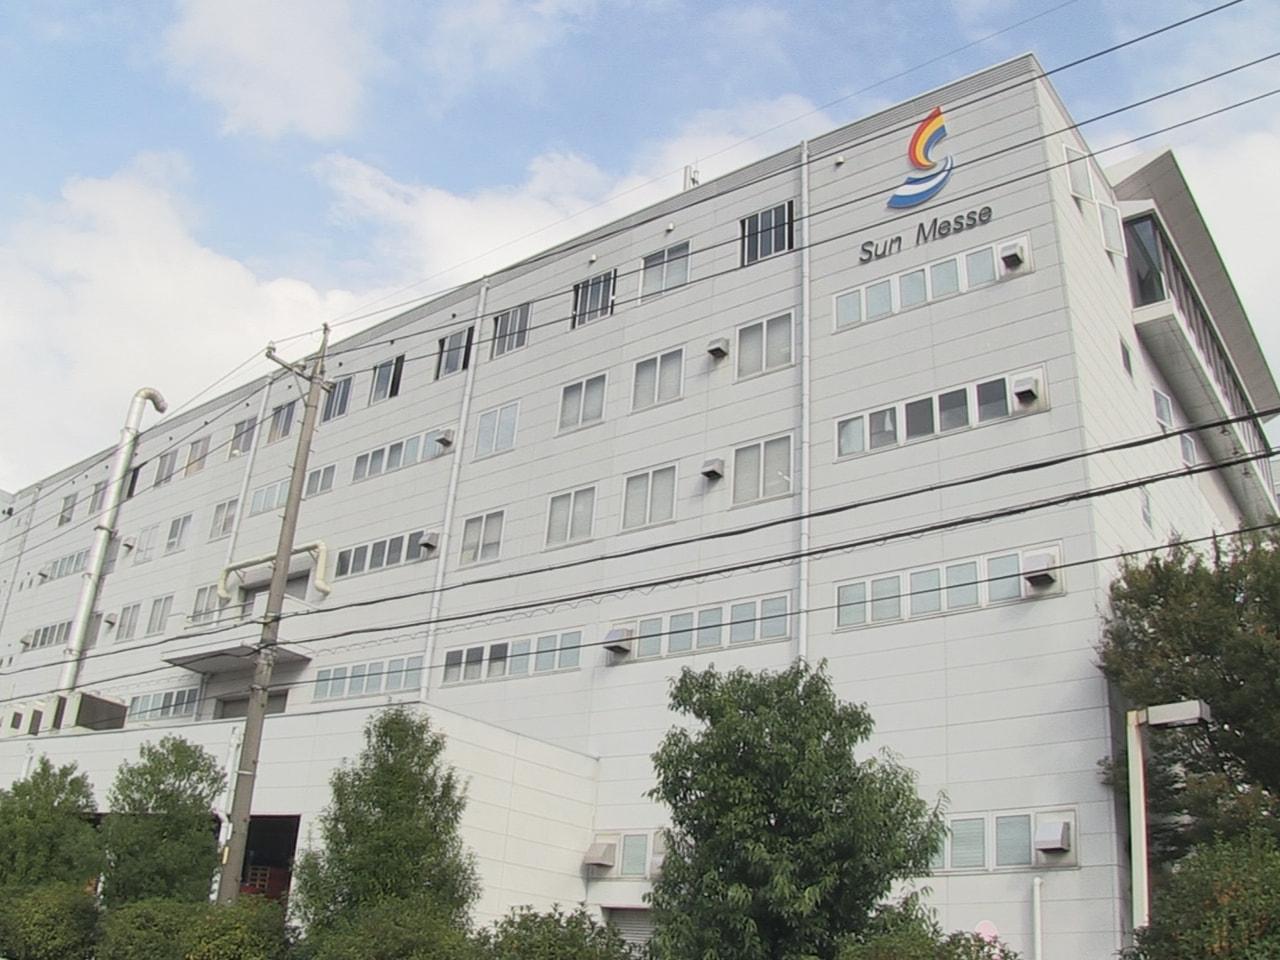 愛知県や三重県などの年金受給者に本人のものではない内容の年金振込通知書が送られた...